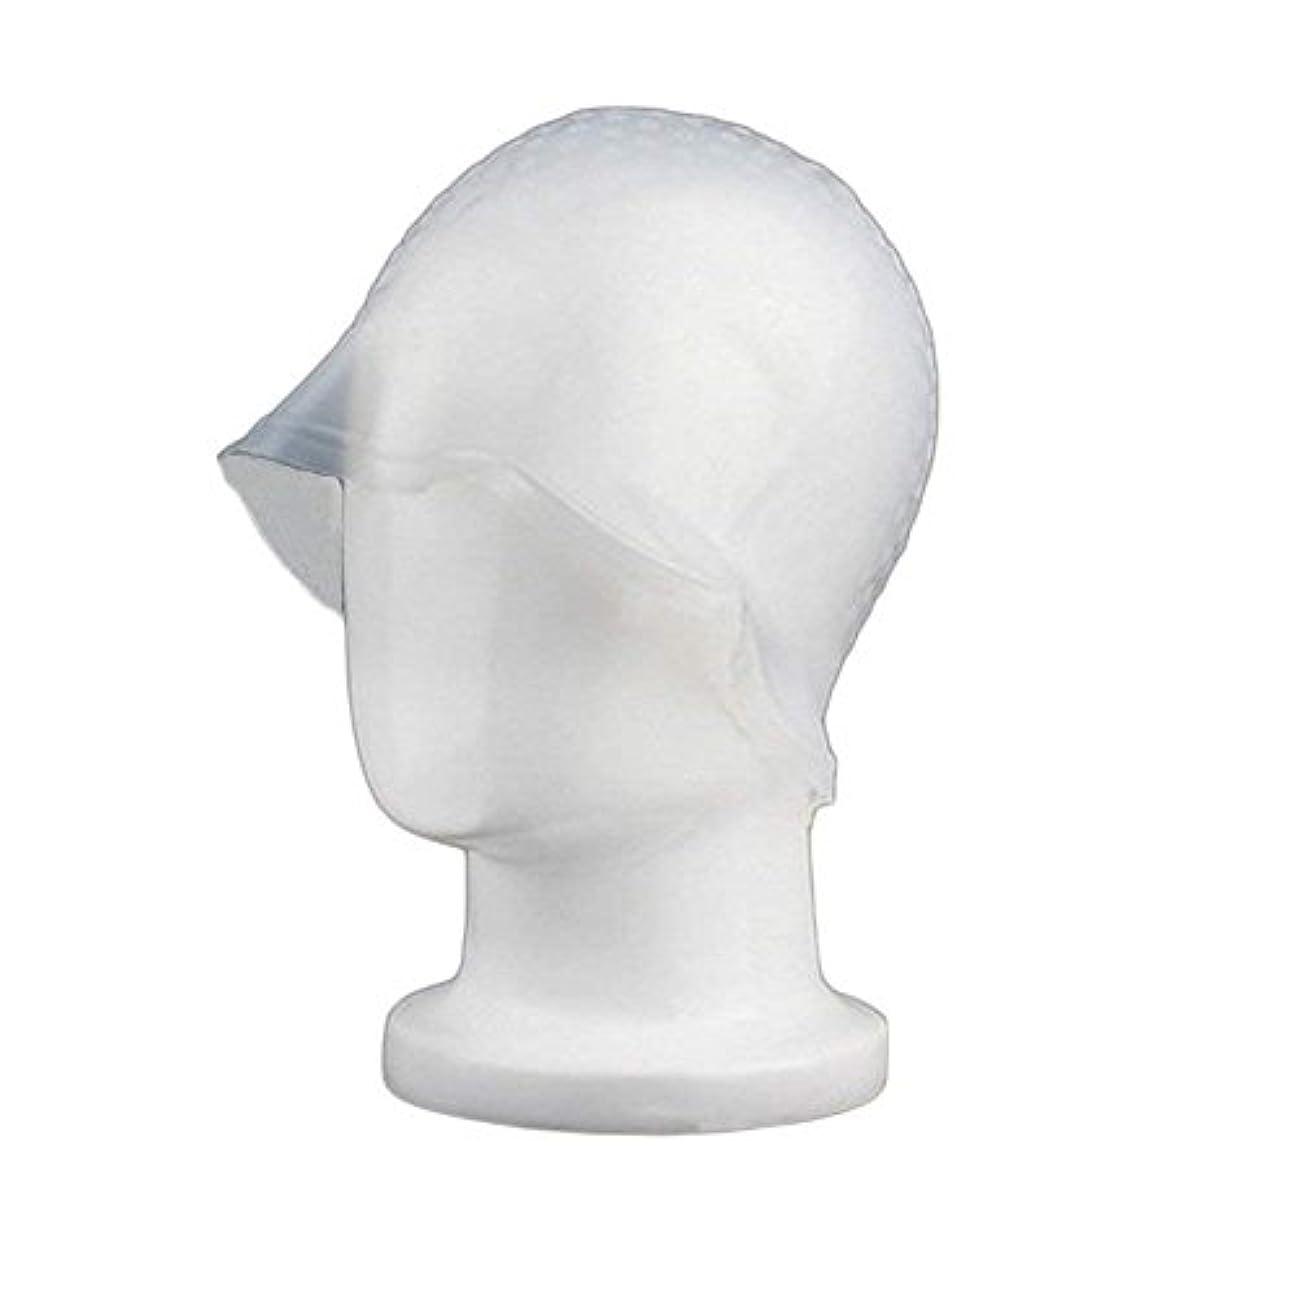 シャッフル中毒検索エンジンマーケティングSincerestore 洗って使える ヘアカラー 染め用 メッシュ 用 シリコン ヘア キャップキャップ (ホワイト)